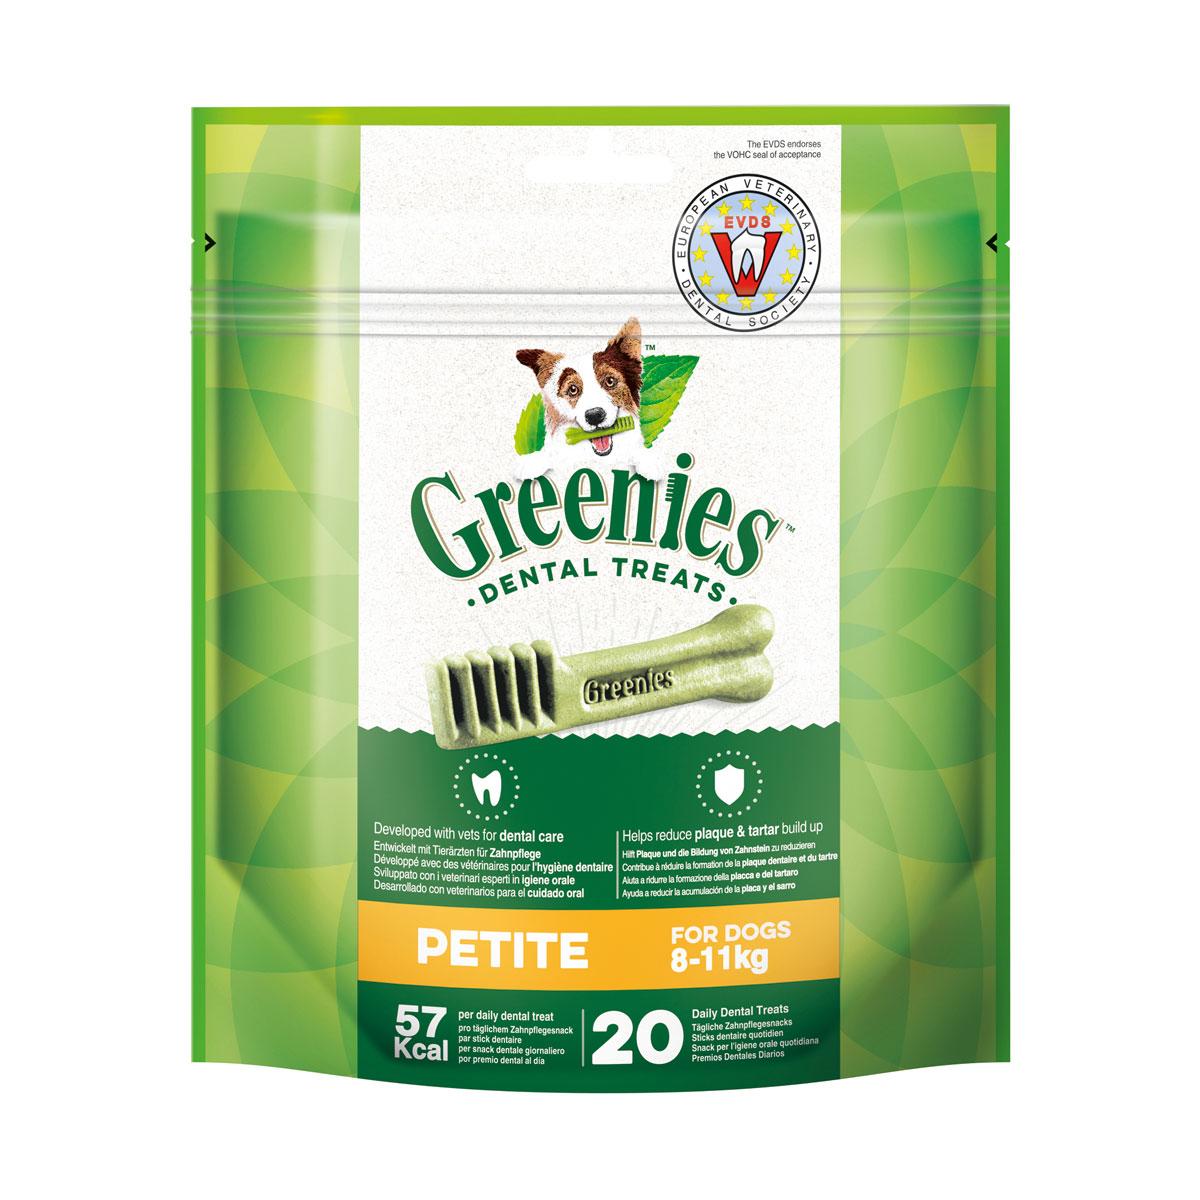 Greenies Petite Zahnpflegesnacks für Hunde von 8-11kg 340g